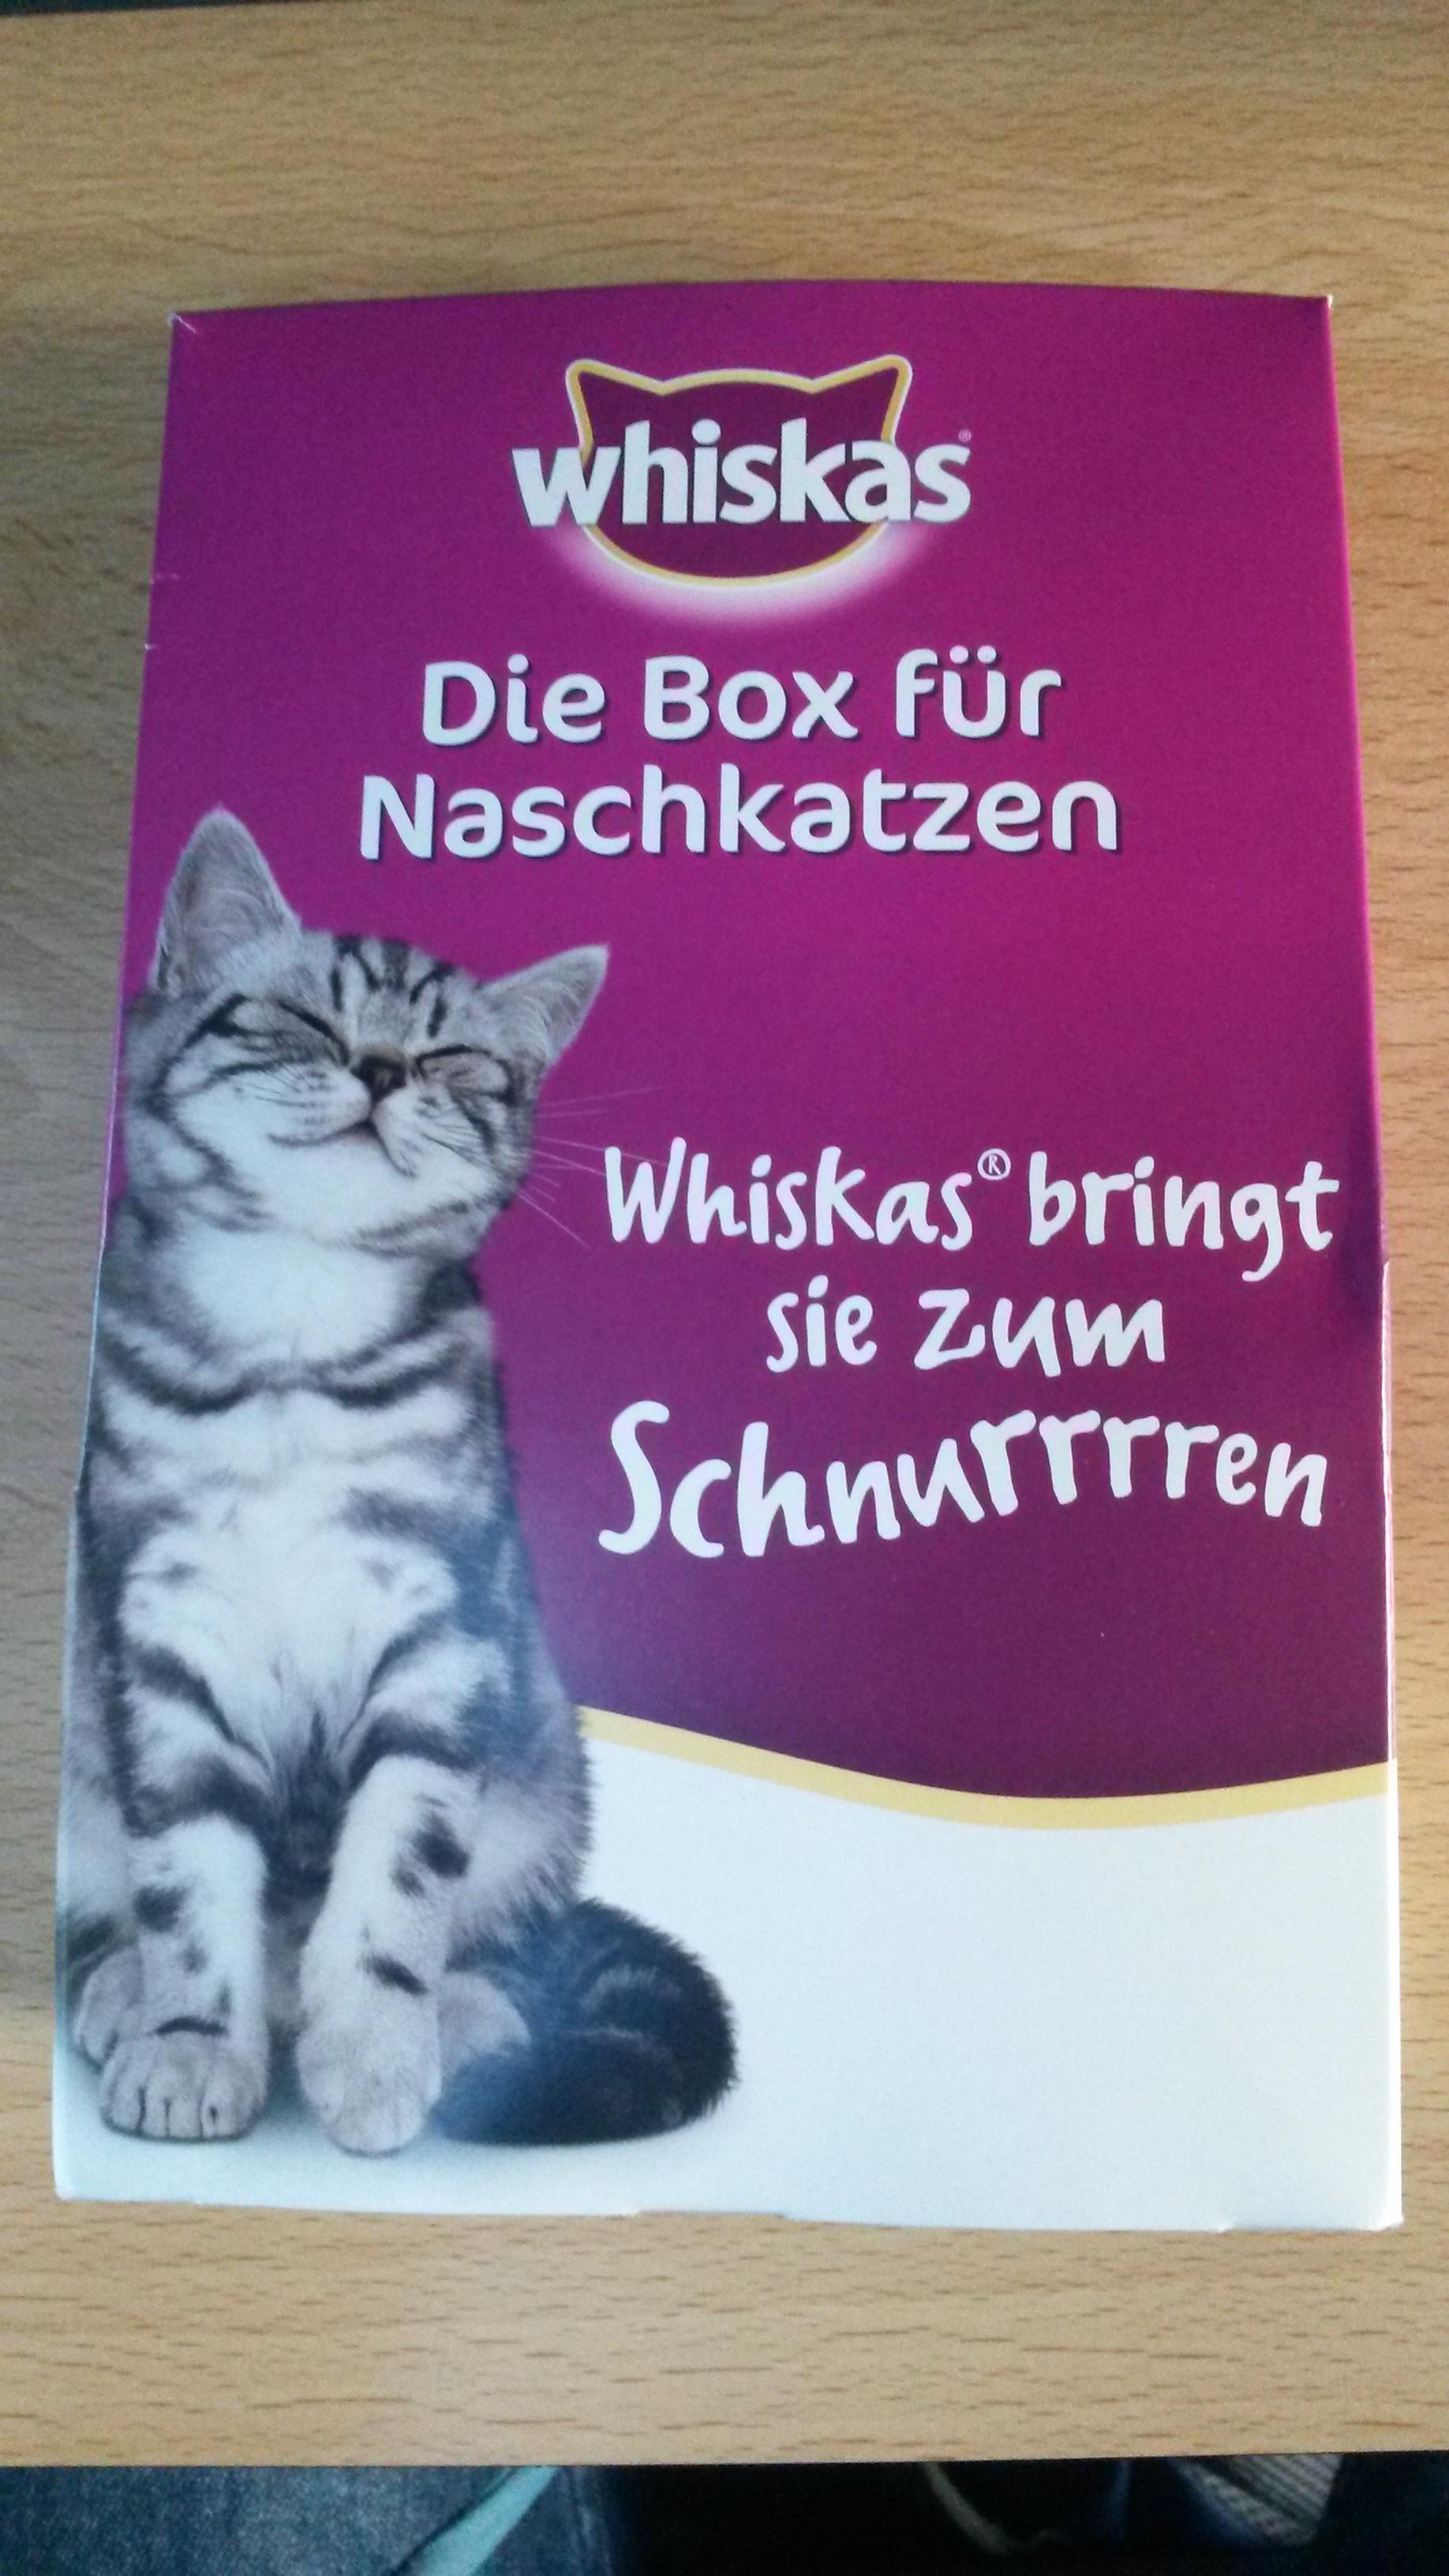 [Dresden Hbf] Whiskas Probierpaket als Freebie (es gibt auch was für Hundebesitzer)